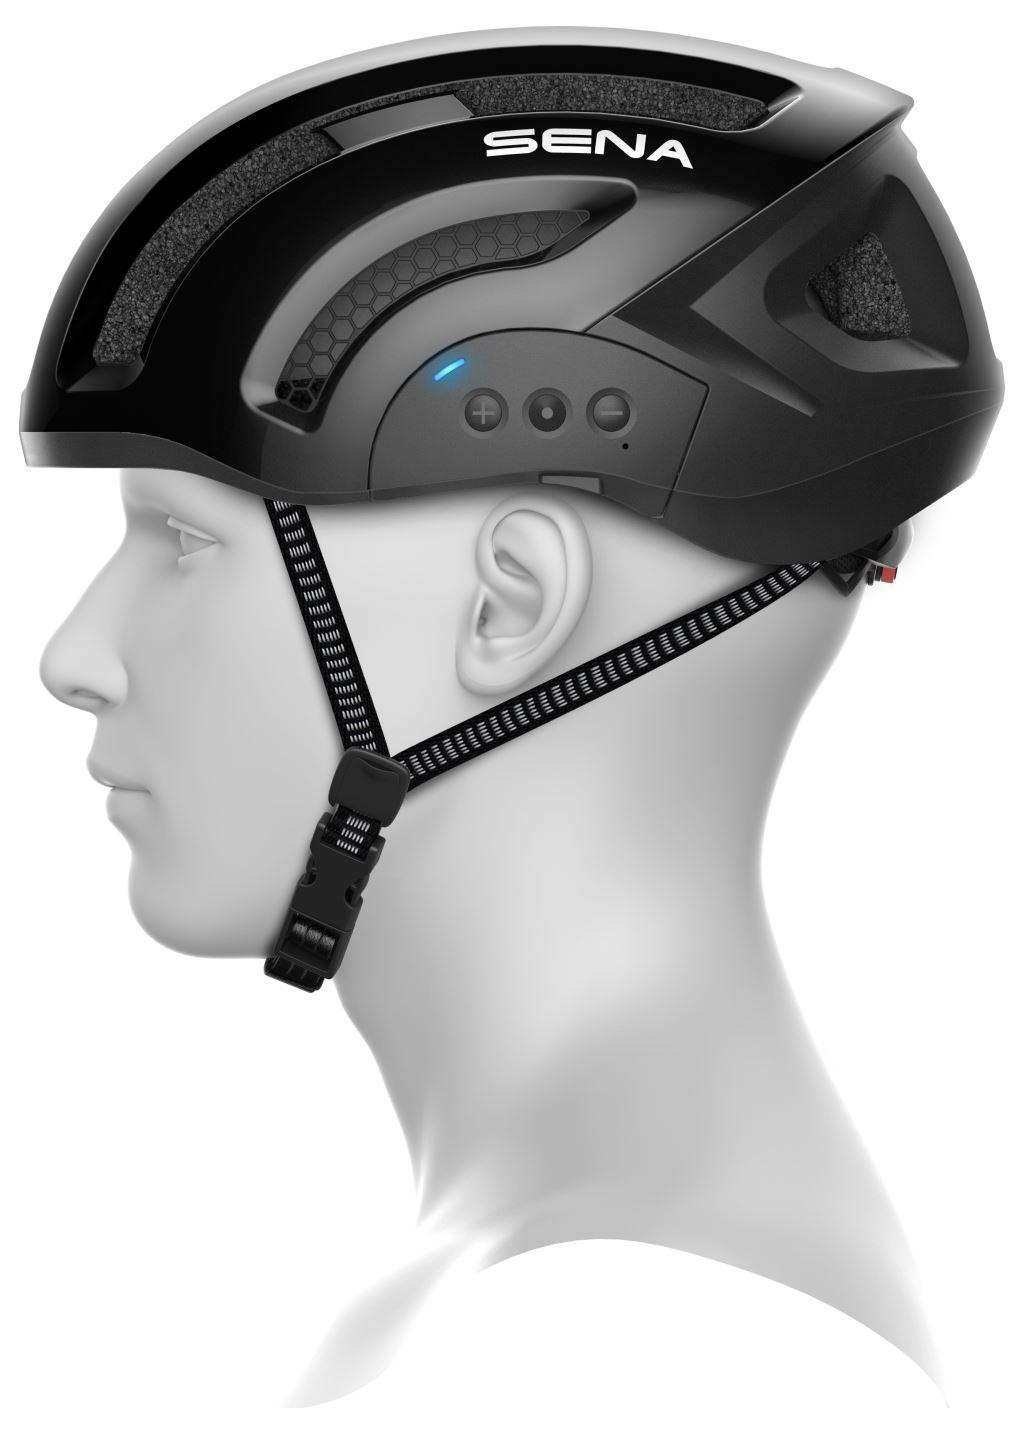 Sena'dan Bir İlk: Bluetooth Teknolojili Akıllı Bisiklet Kaskı X1! 2. İçerik Fotoğrafı